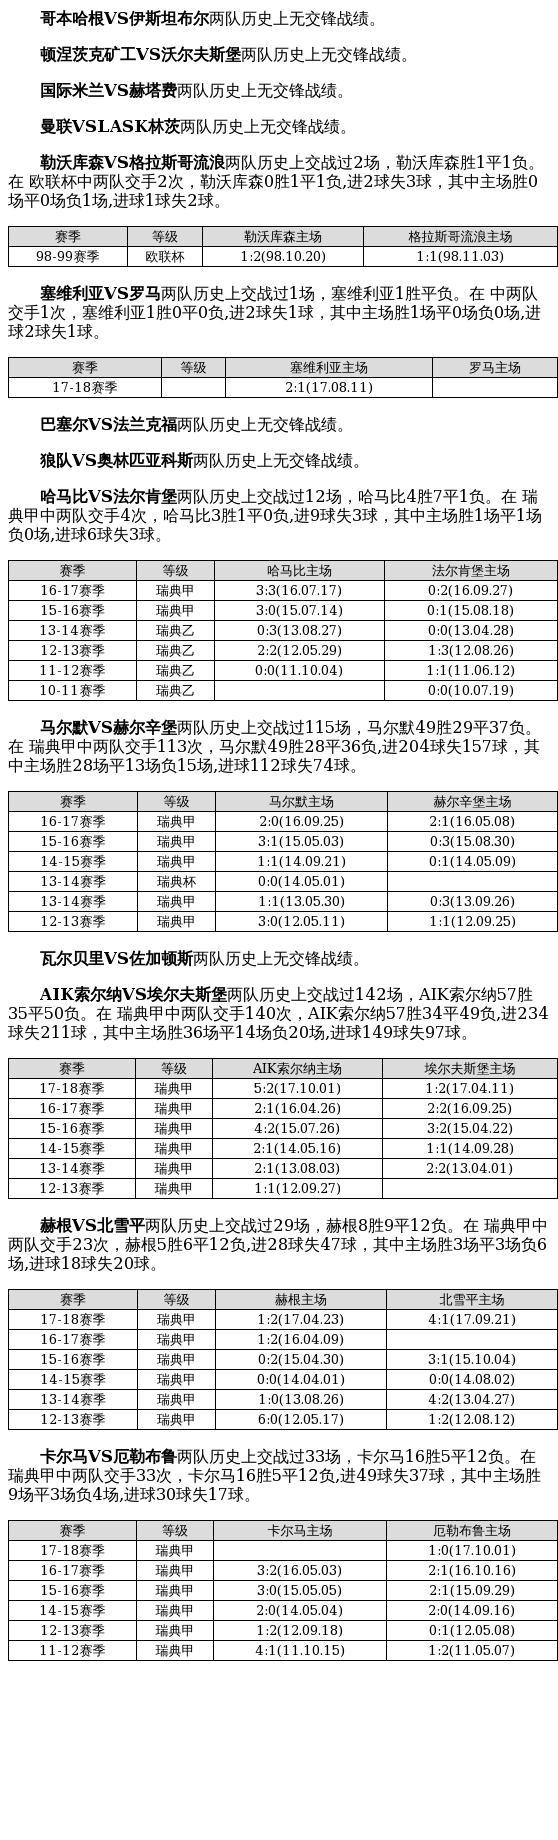 中国足球彩票20020期胜负游戏14场交战记录